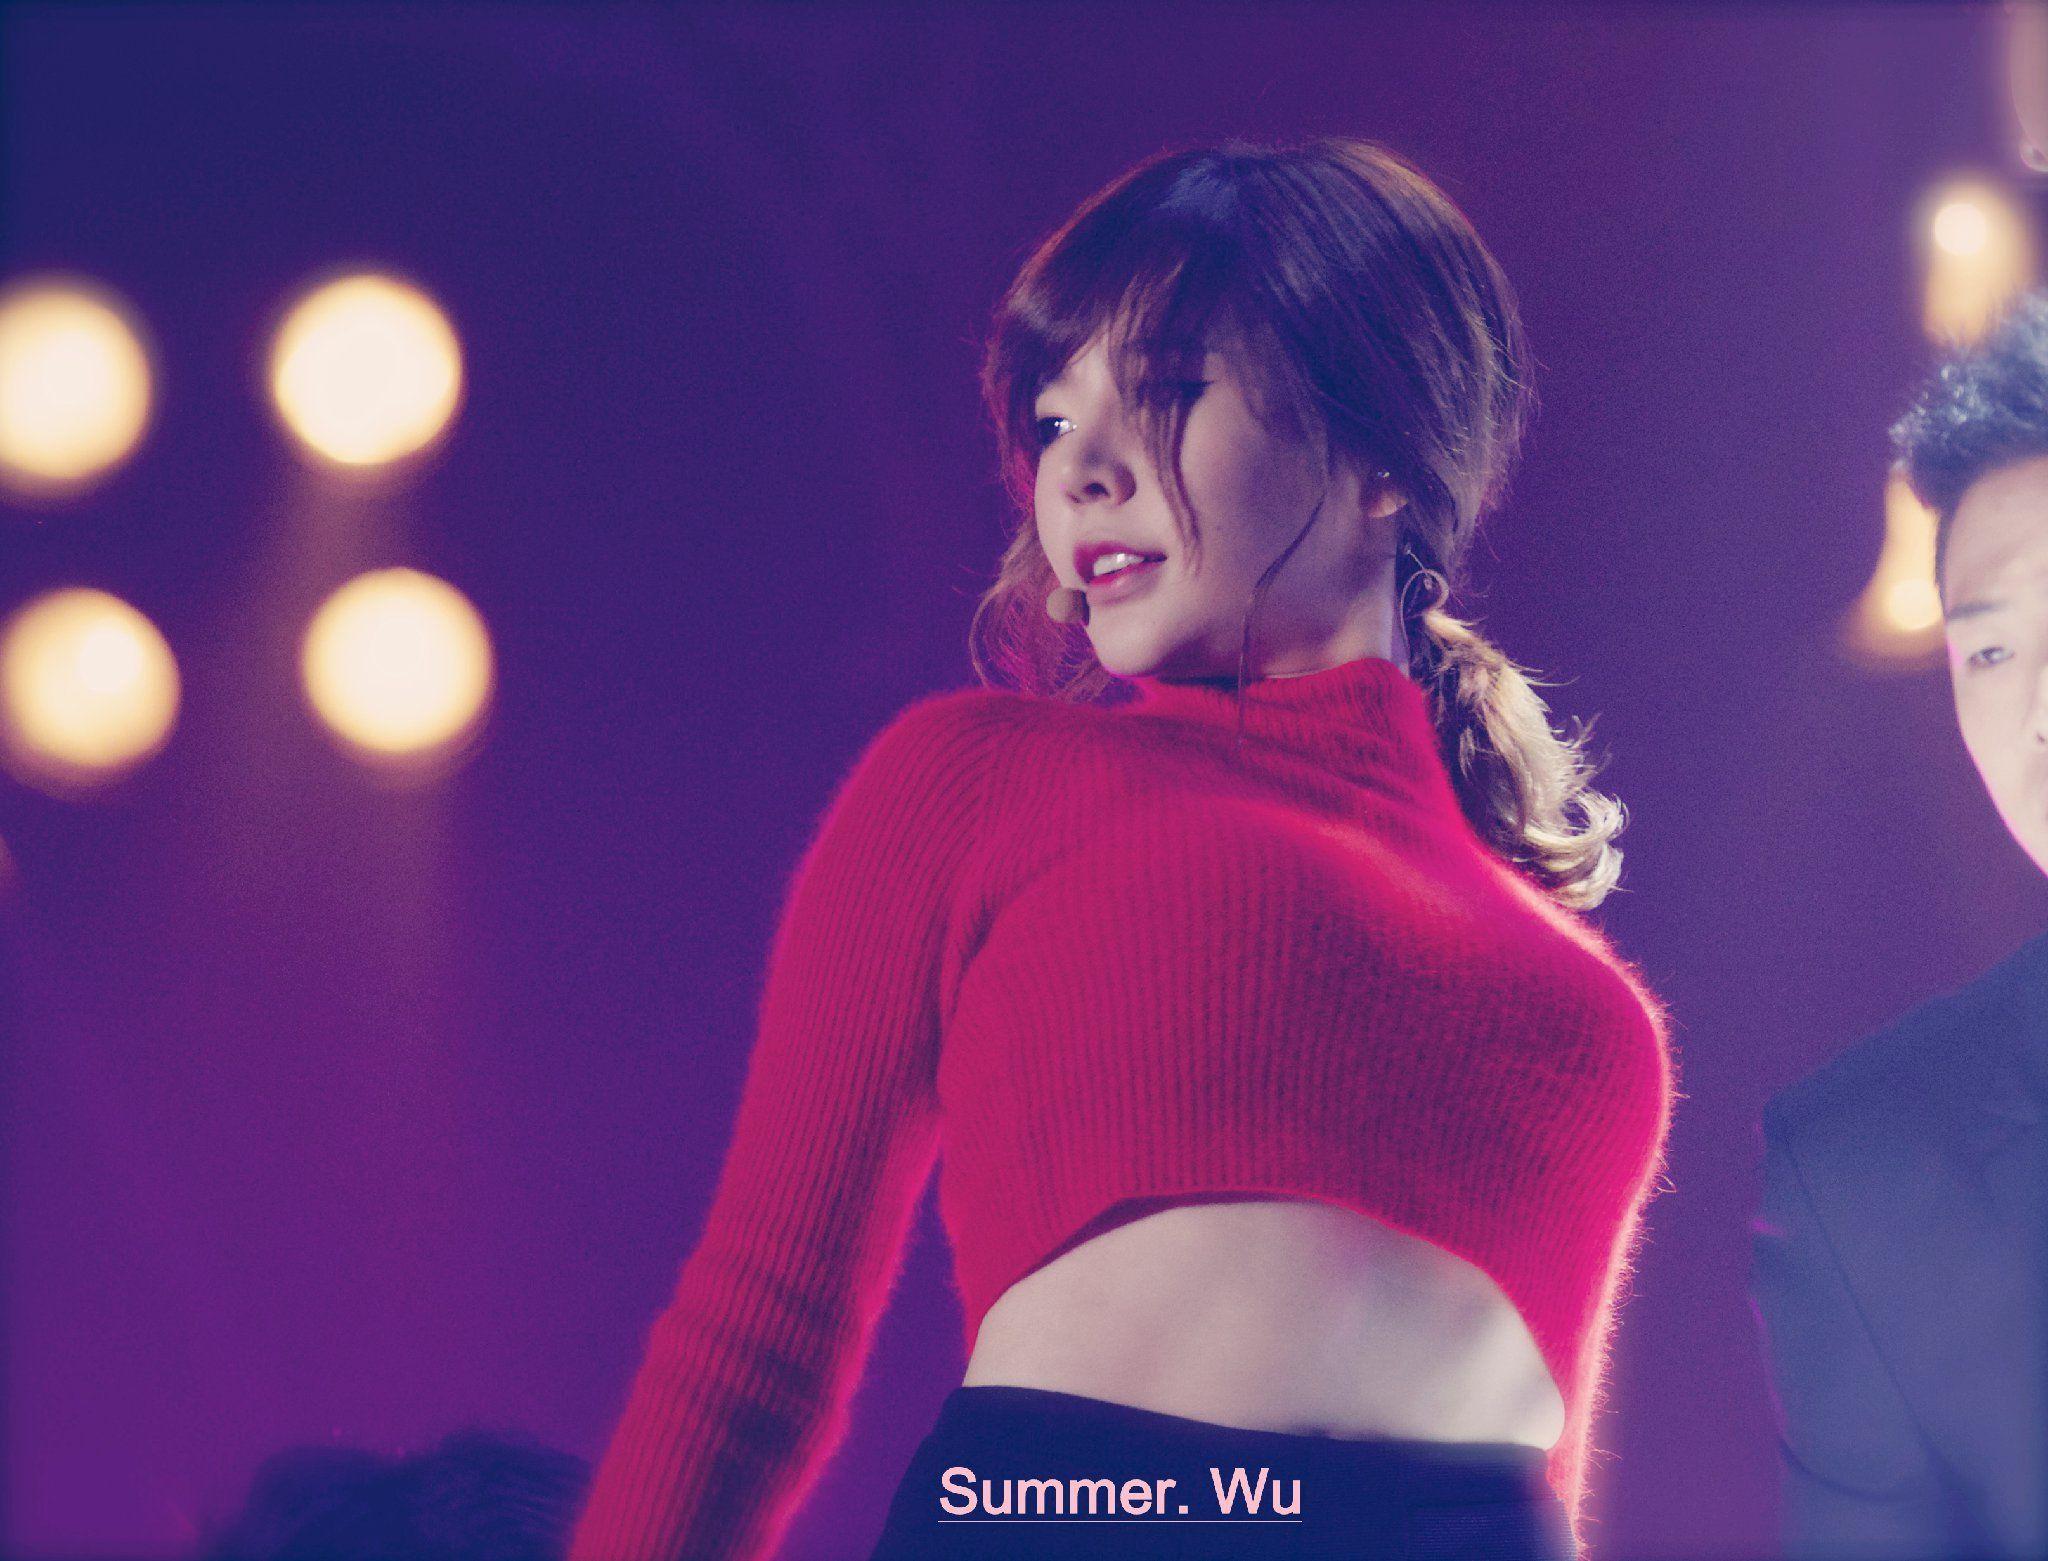 5-artis-cantik-korea-dengan-bibir-menurun-yang-sexy-dan-mempesona-part-3